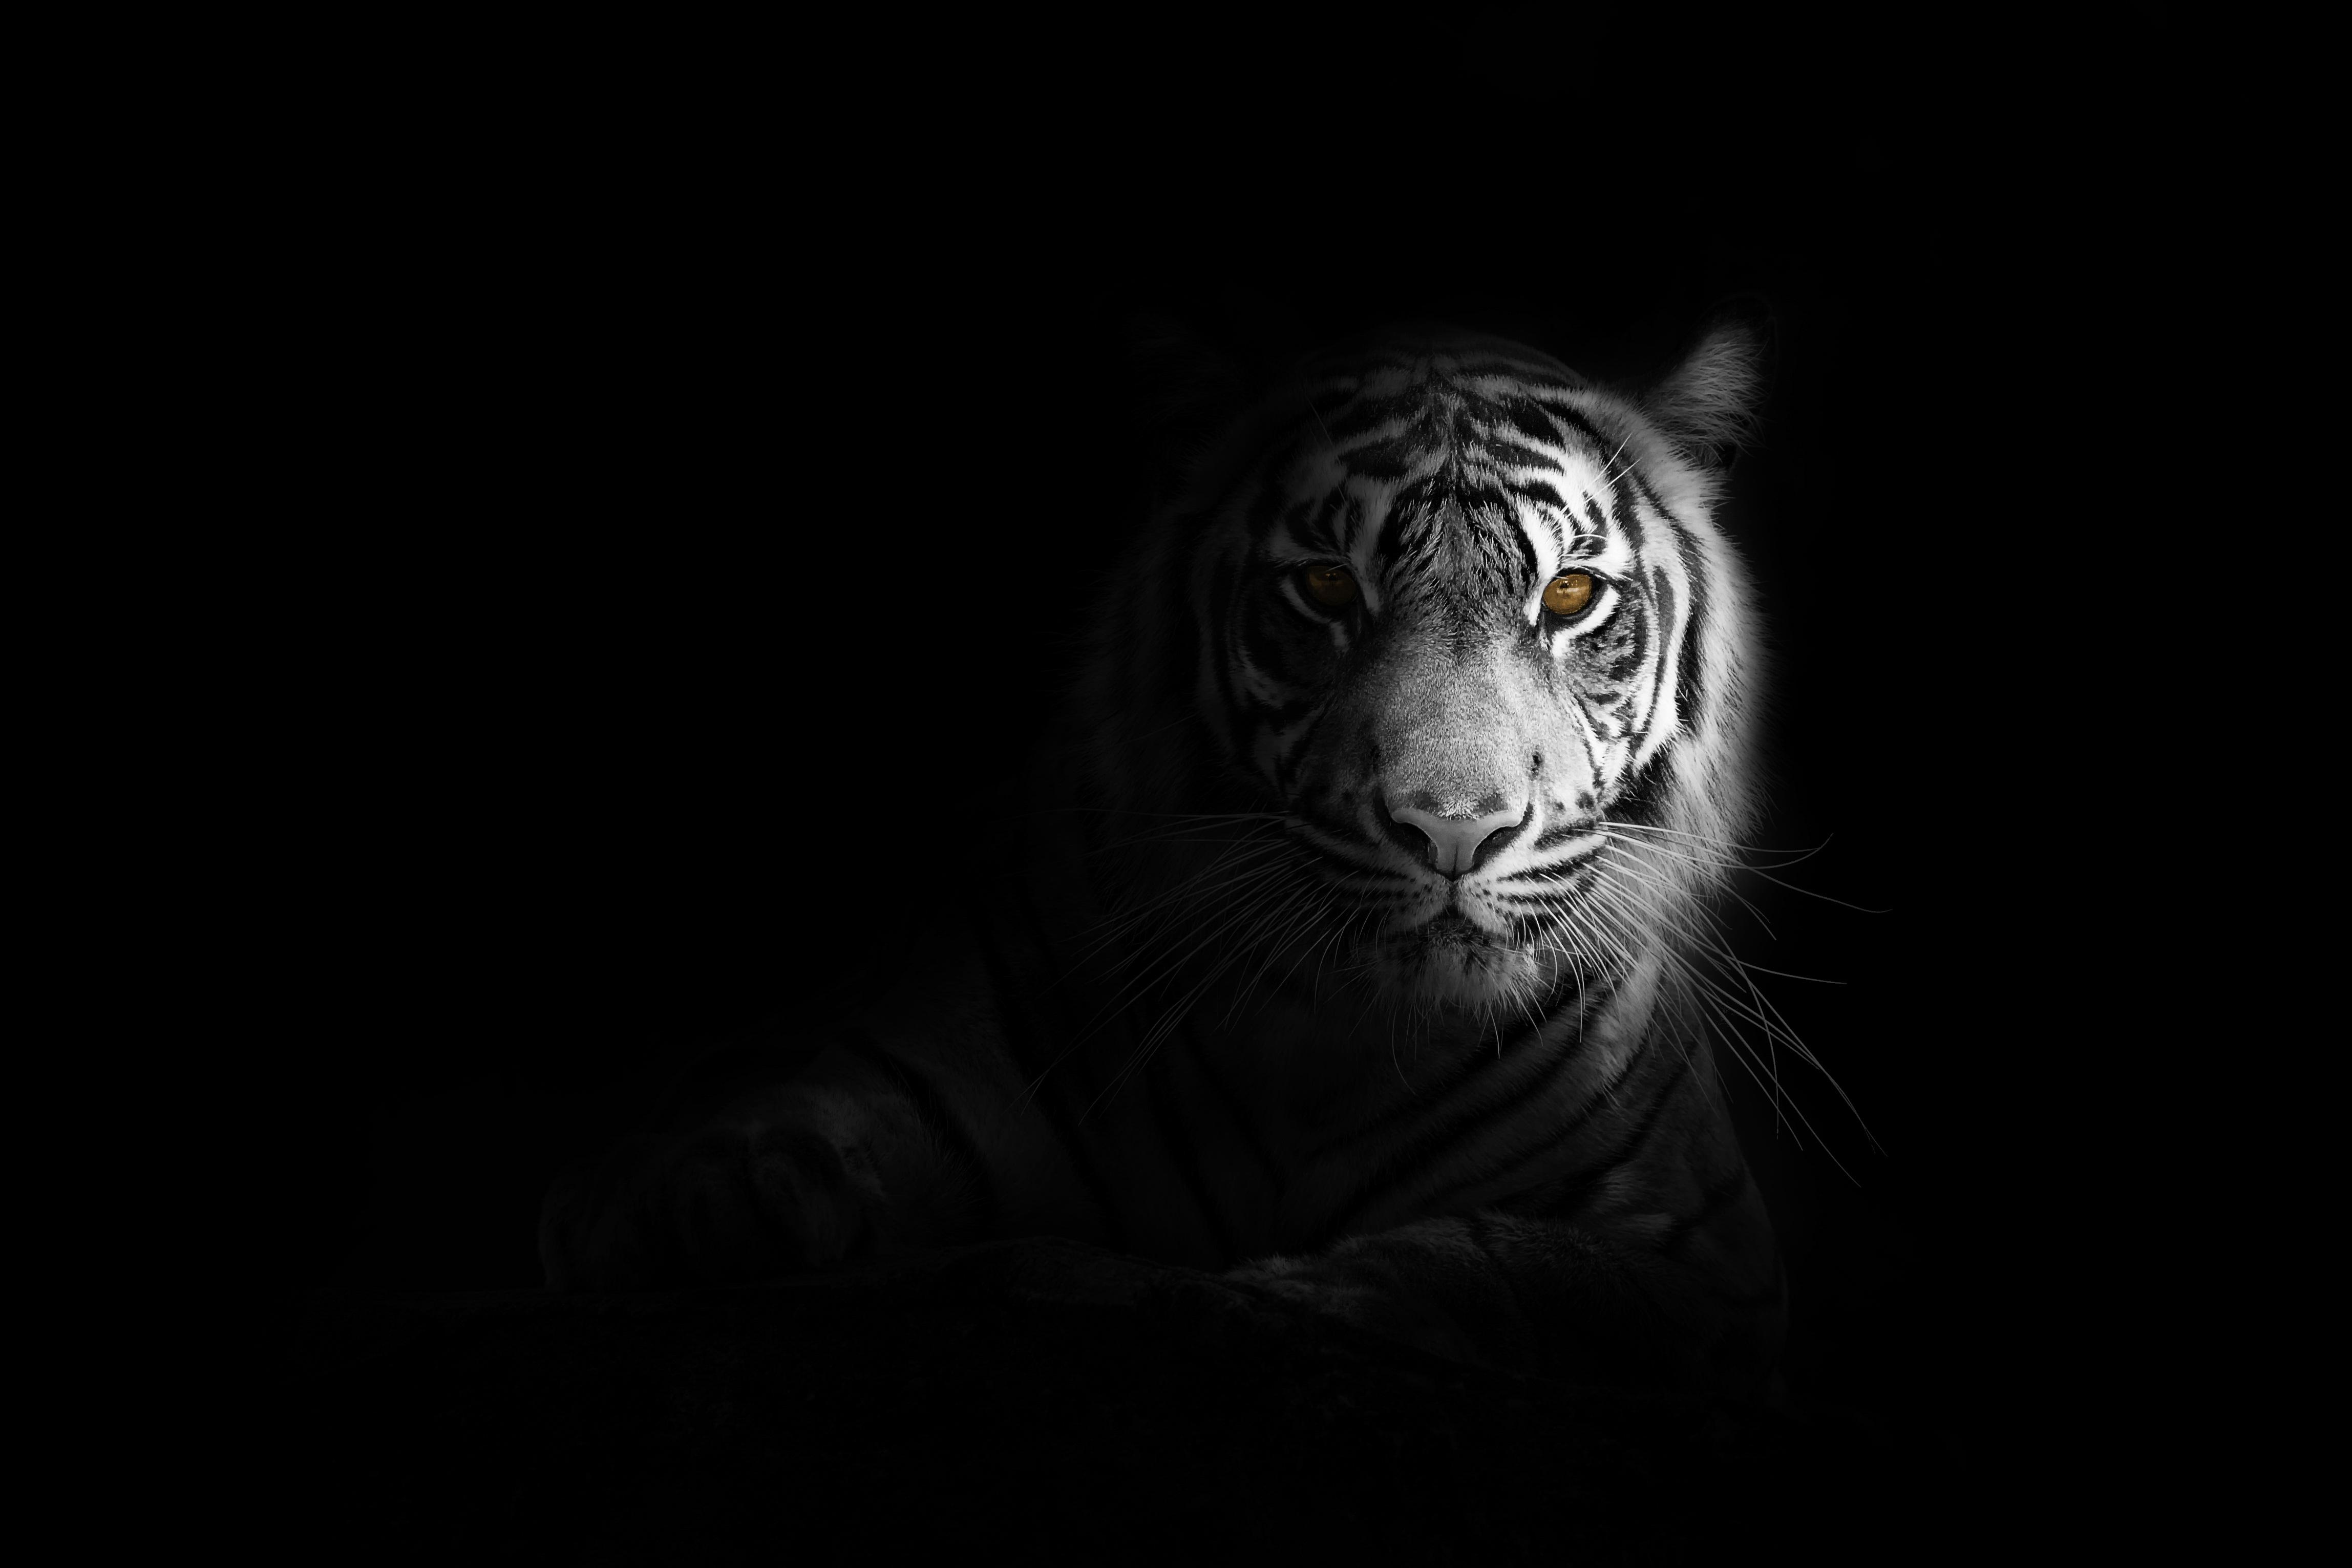 62198 Protetores de tela e papéis de parede Opinião em seu telefone. Baixe Animais, Sombra, Predator, Predador, Gato Grande, Visão, Opinião, Tigre, Preto E Branco, Preto-E-Branco fotos gratuitamente